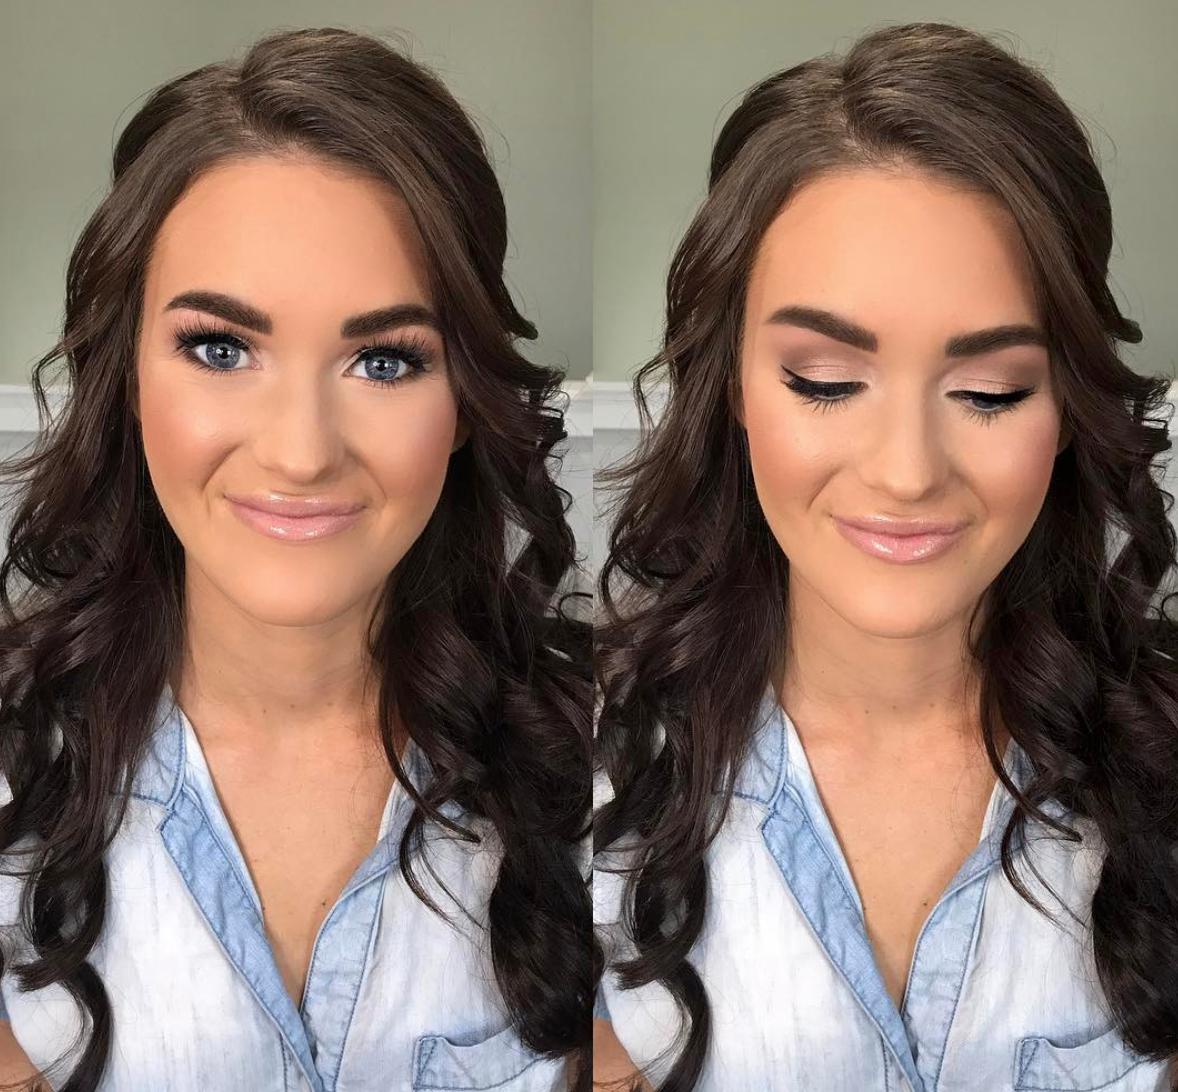 Full Coverage Wedding Makeup Wedding Makeup Makeup Reviews Beauty